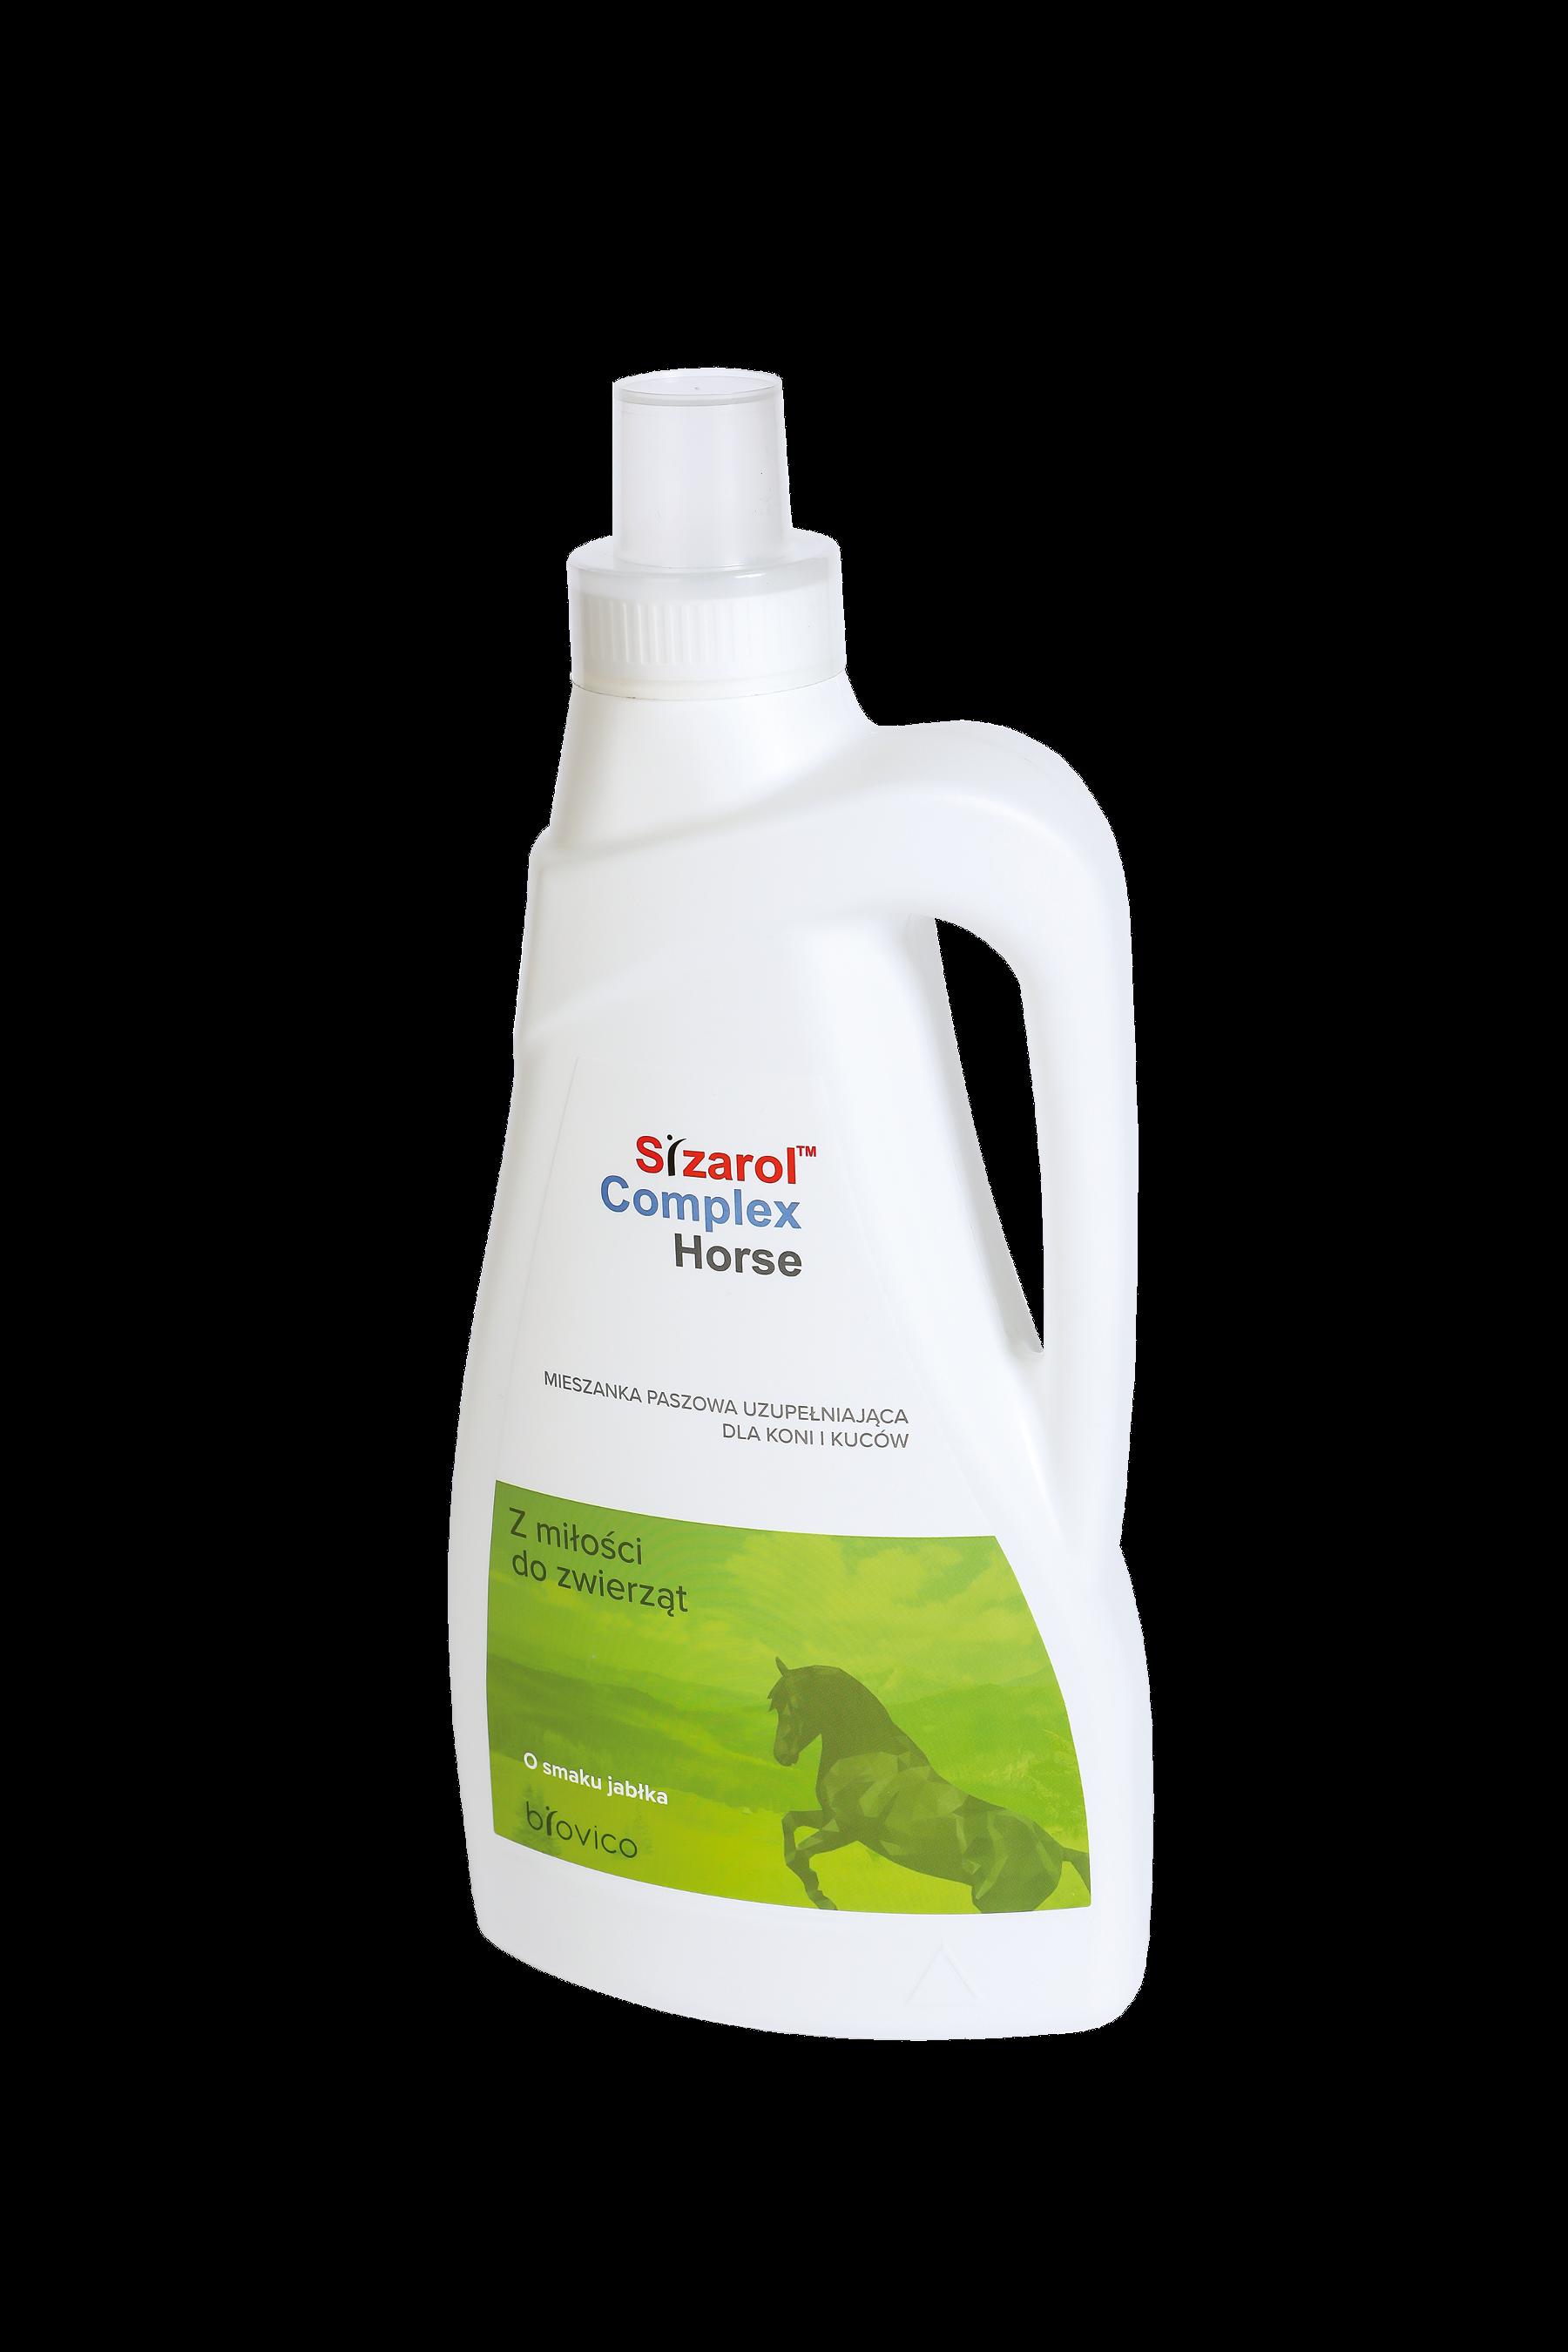 Sizarol™ Complex Horse